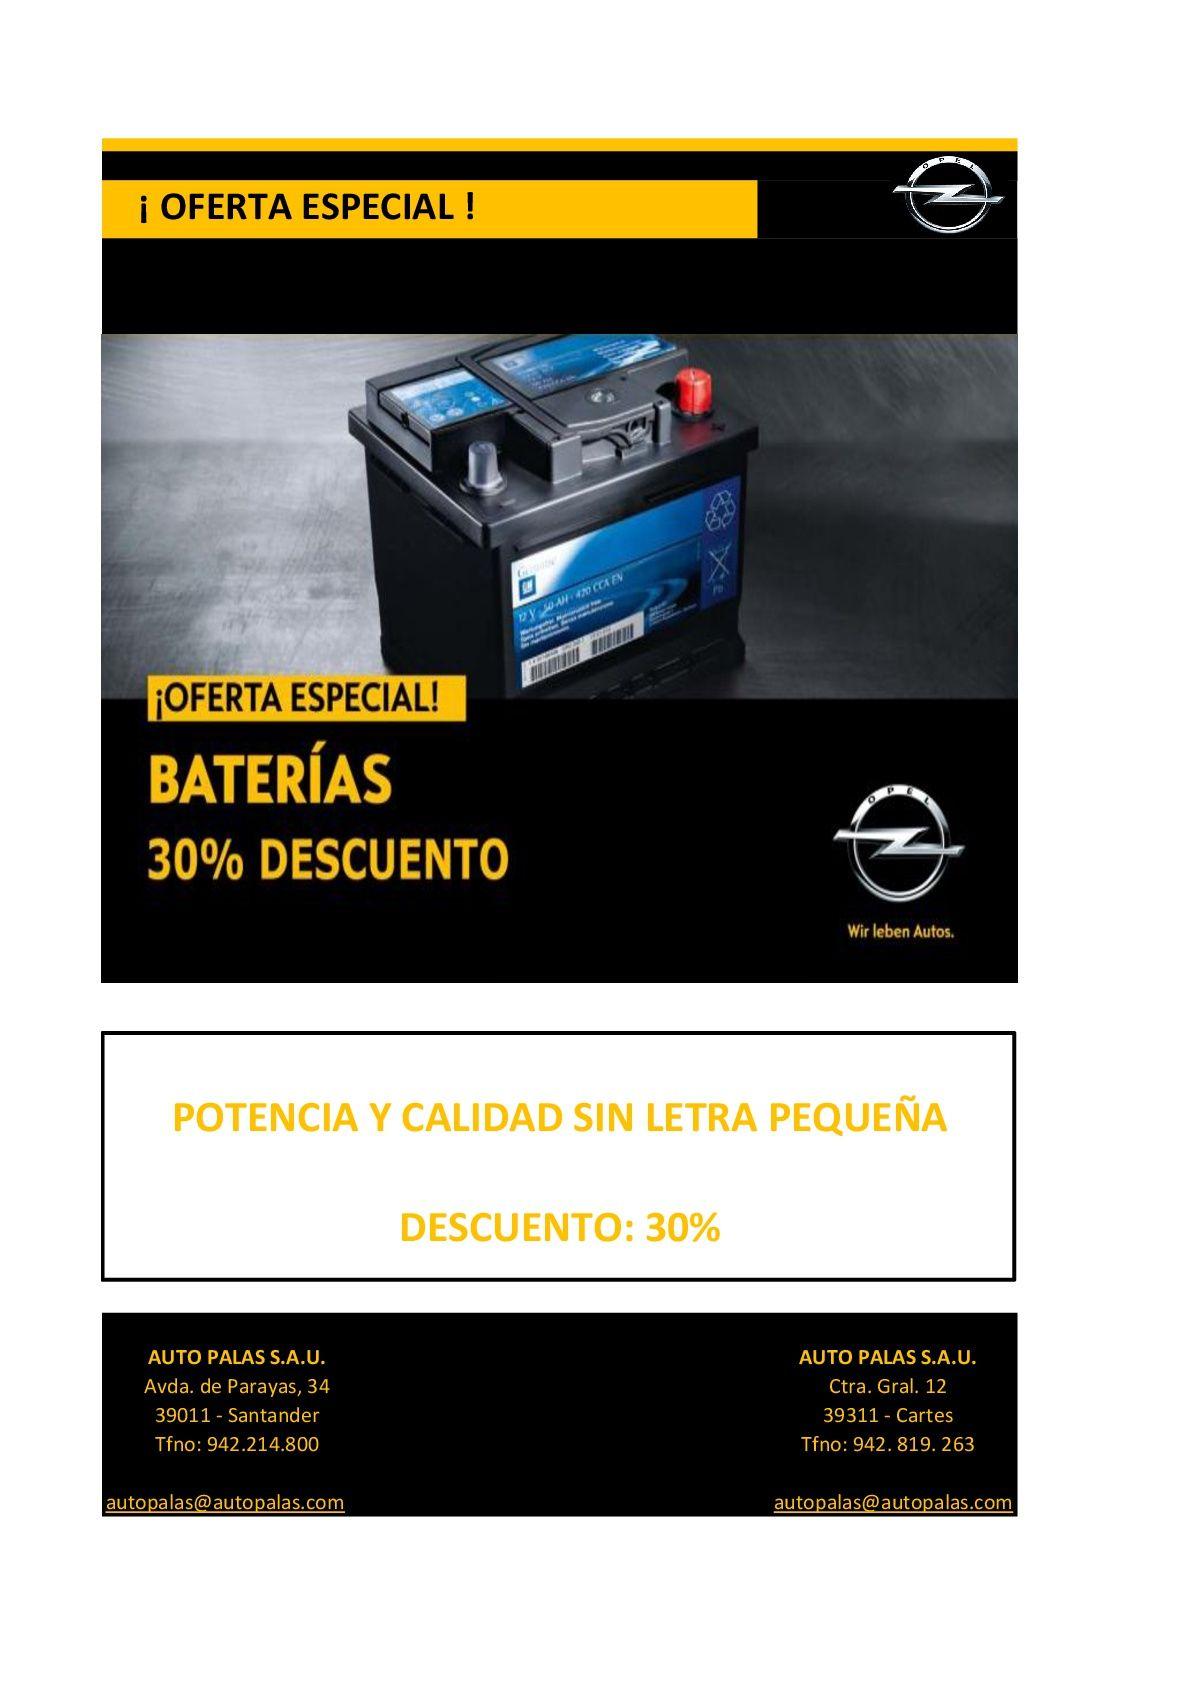 OFERTA BATERIAS OPEL 30% DESCUENTO